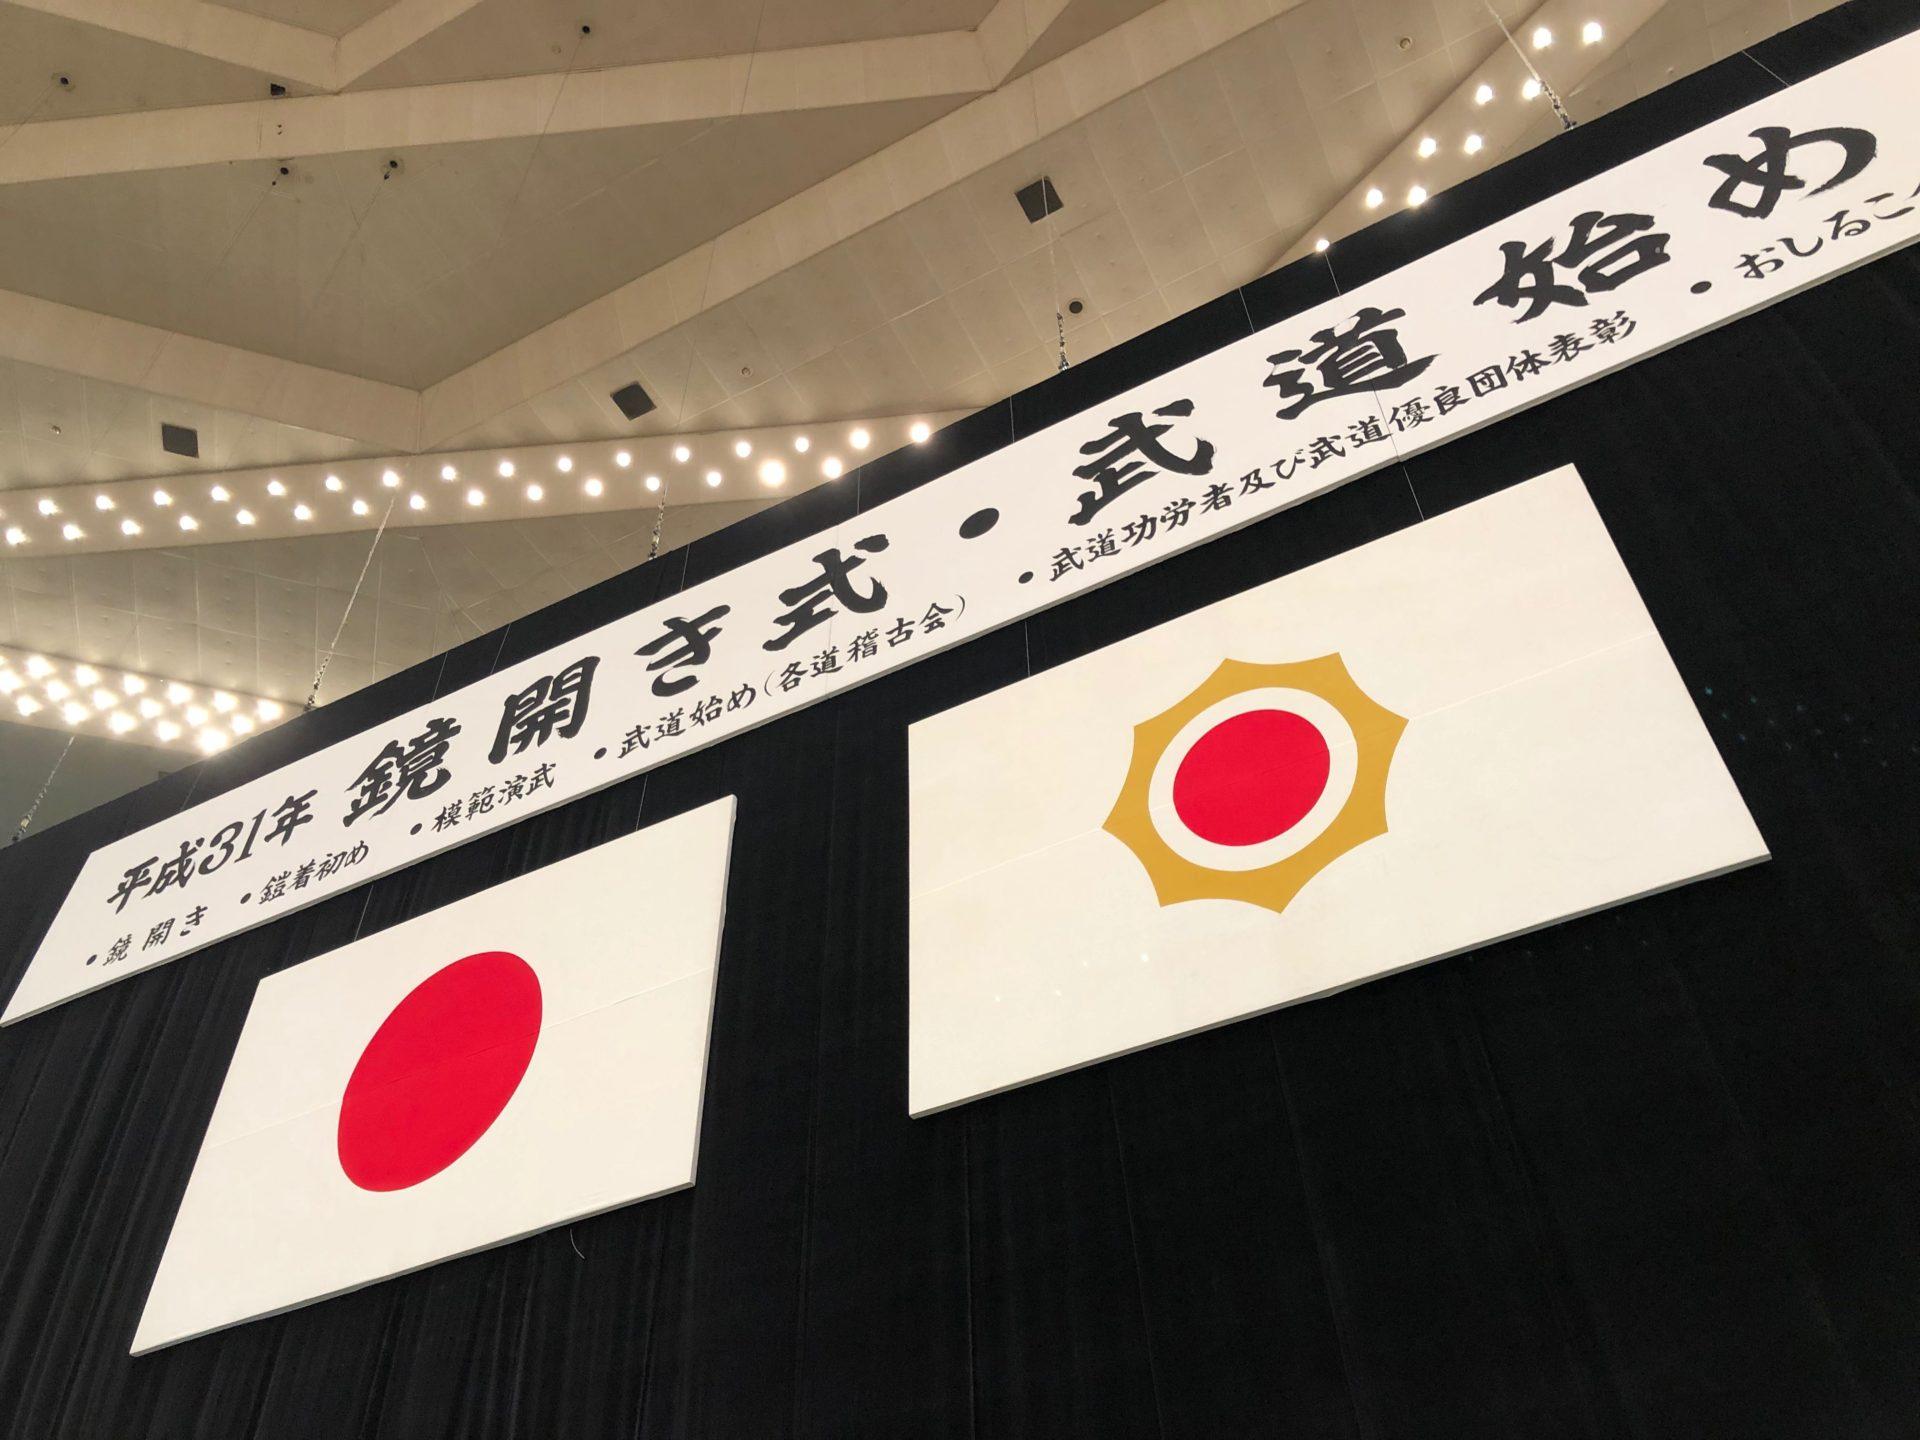 2019 日本武道館 鏡開き式・武道始め